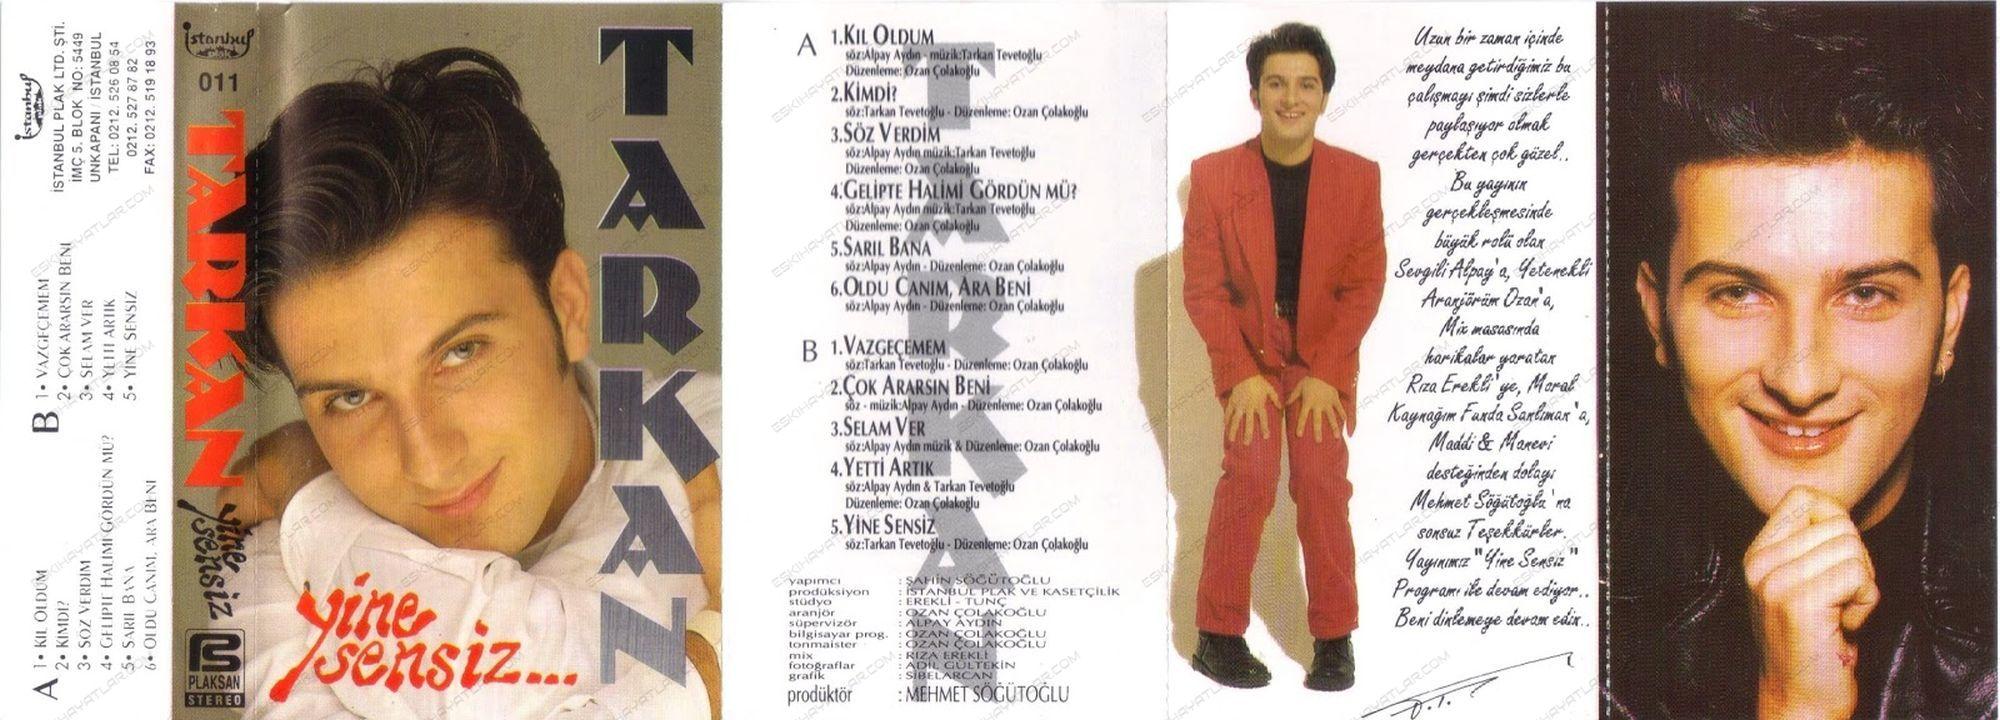 0146-tarkan-tevetoglu-1994-aacayipsin-albumu-nokta-dergisi-yine-sensiz-albumu-doksanlarda-kaset-satin-almak (6)